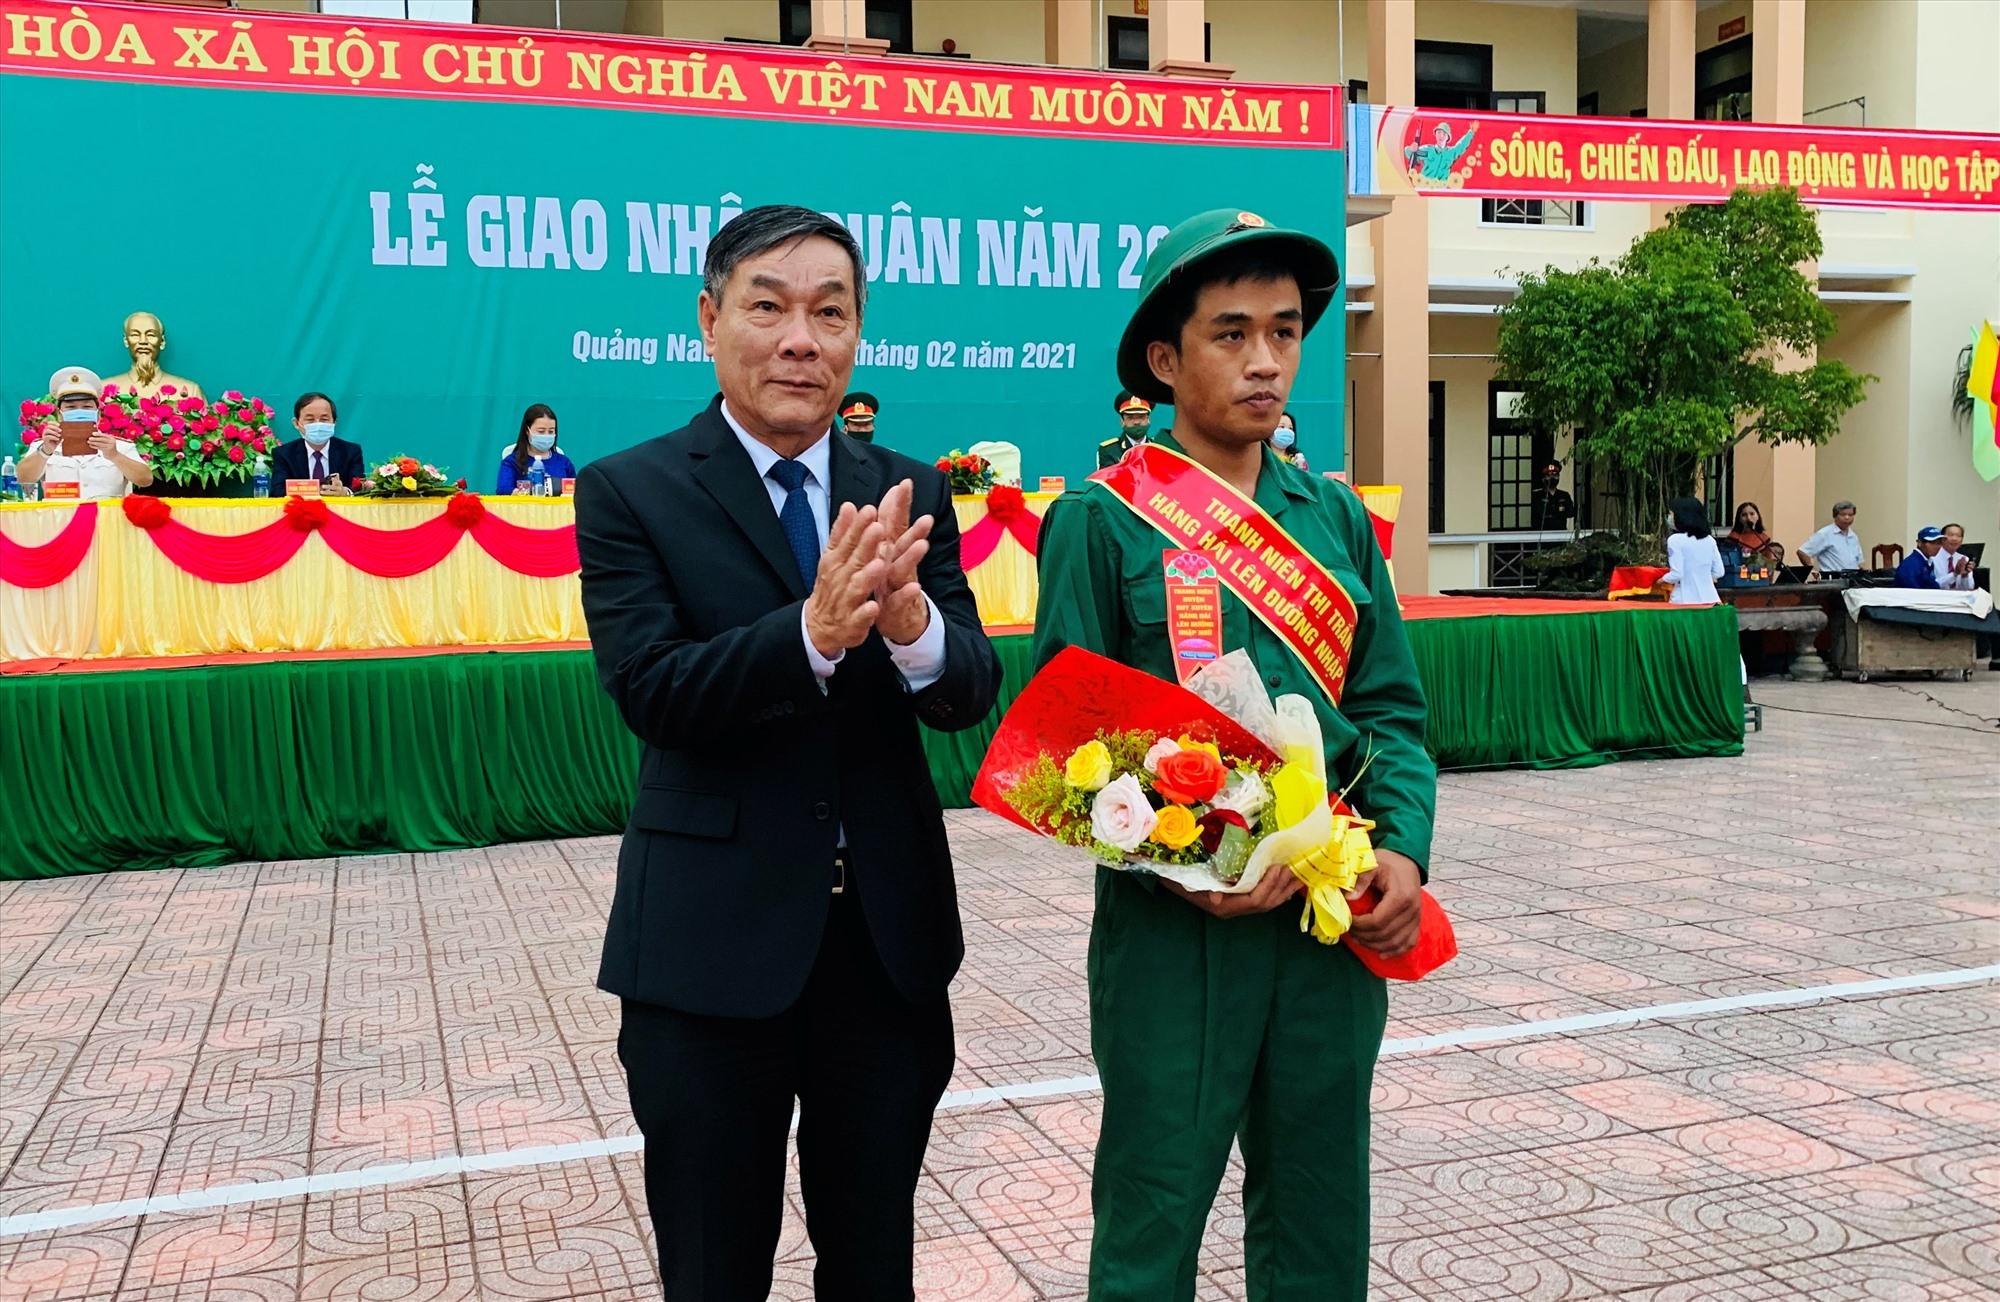 Ông Nguyễn Công Dũng – Bí thư Huyện ủy Duy Xuyên tặng hoa chúc mừng các tân binh. Ảnh: